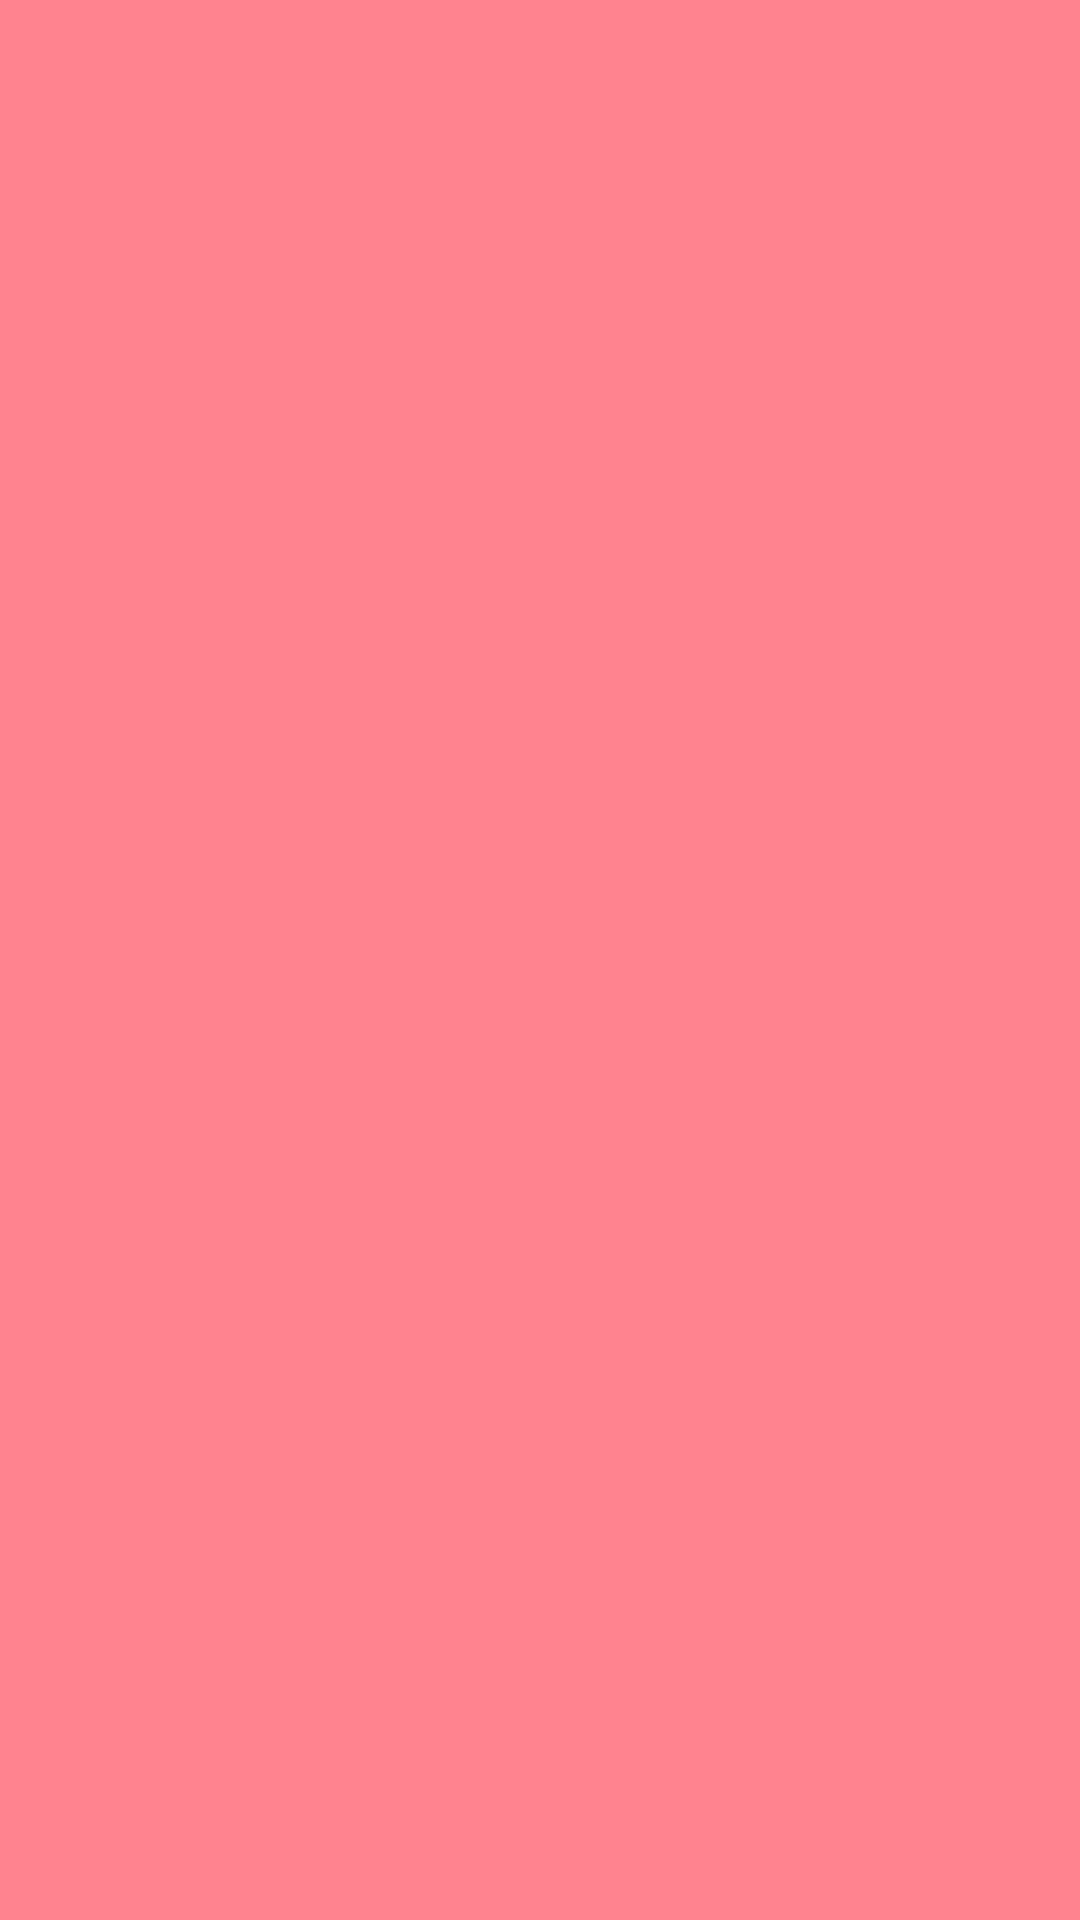 Pin Di Raffaella Comi Su Backgrounds Colori Sfondo Pastello E